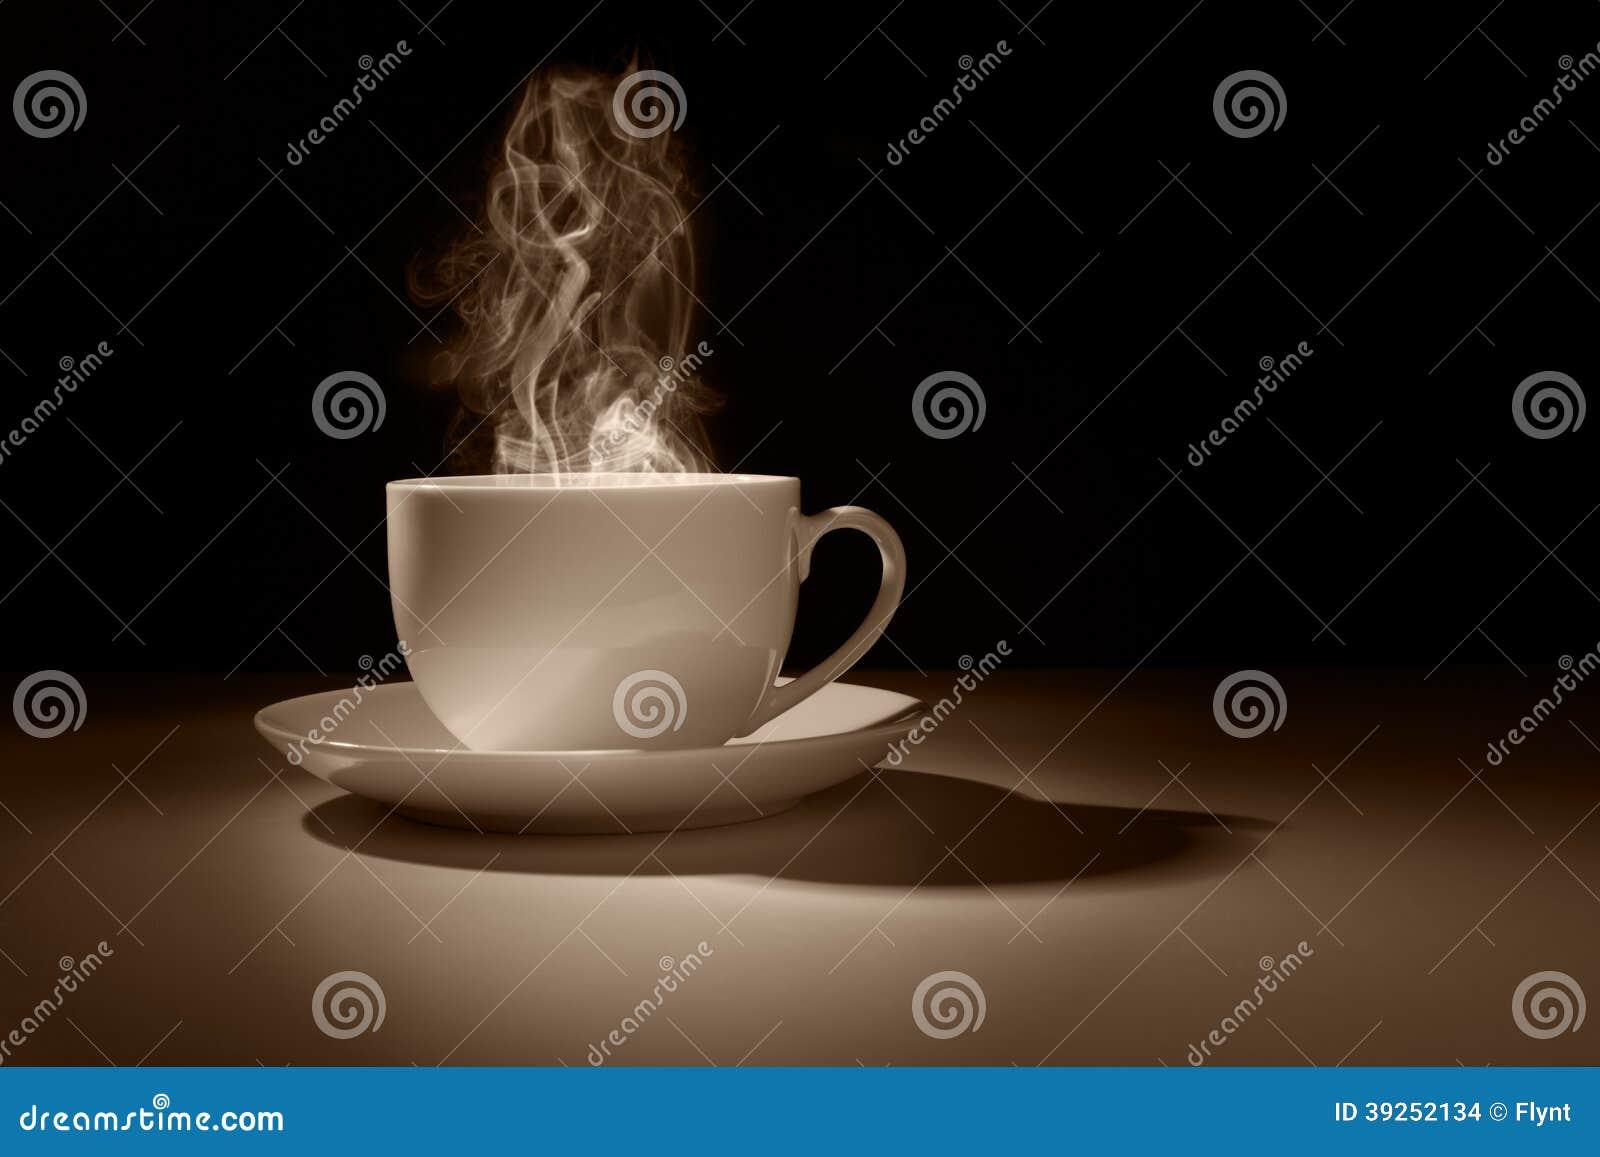 Горячие чашка кофе или чай